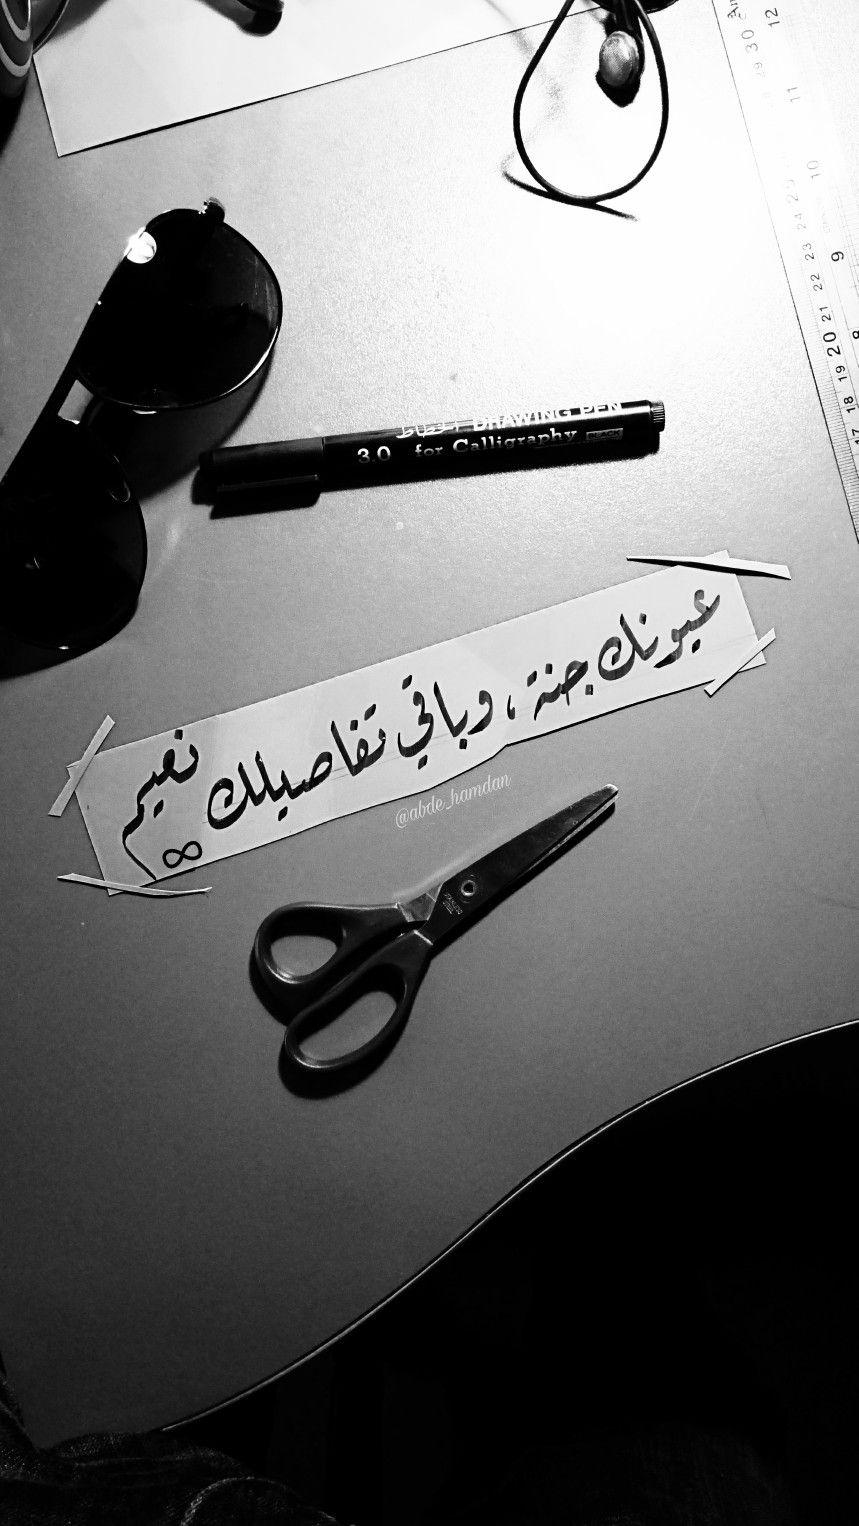 عيونك جنه وباقي تفاصيلك نعيم Arabic Love Quotes Love In Arabic Love Quotes